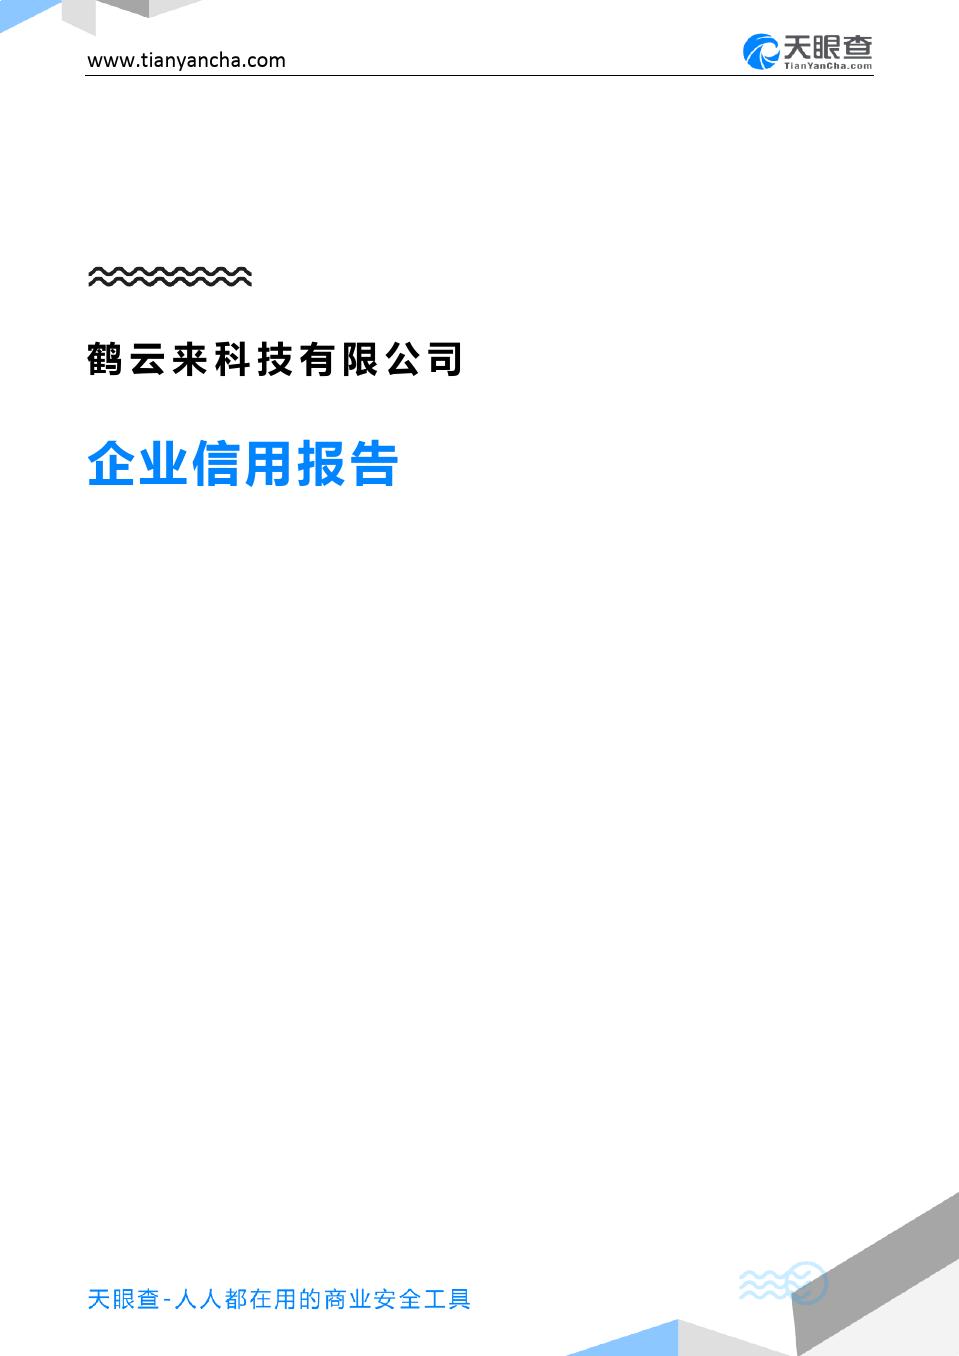 鹤云来科技有限公司(企业信用报告)- 天眼查